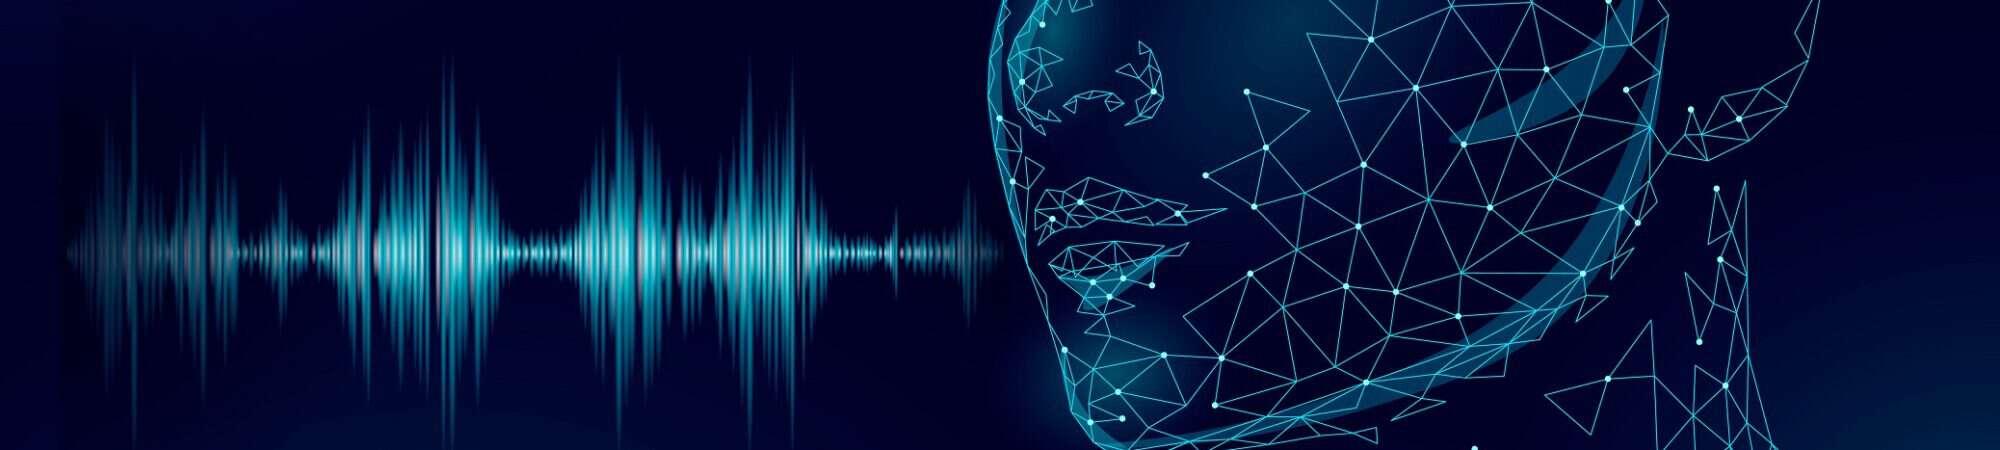 Ilustração mostra uma feição humana emitindo ondas de rádio pela boca, para representar uma assistente virtual